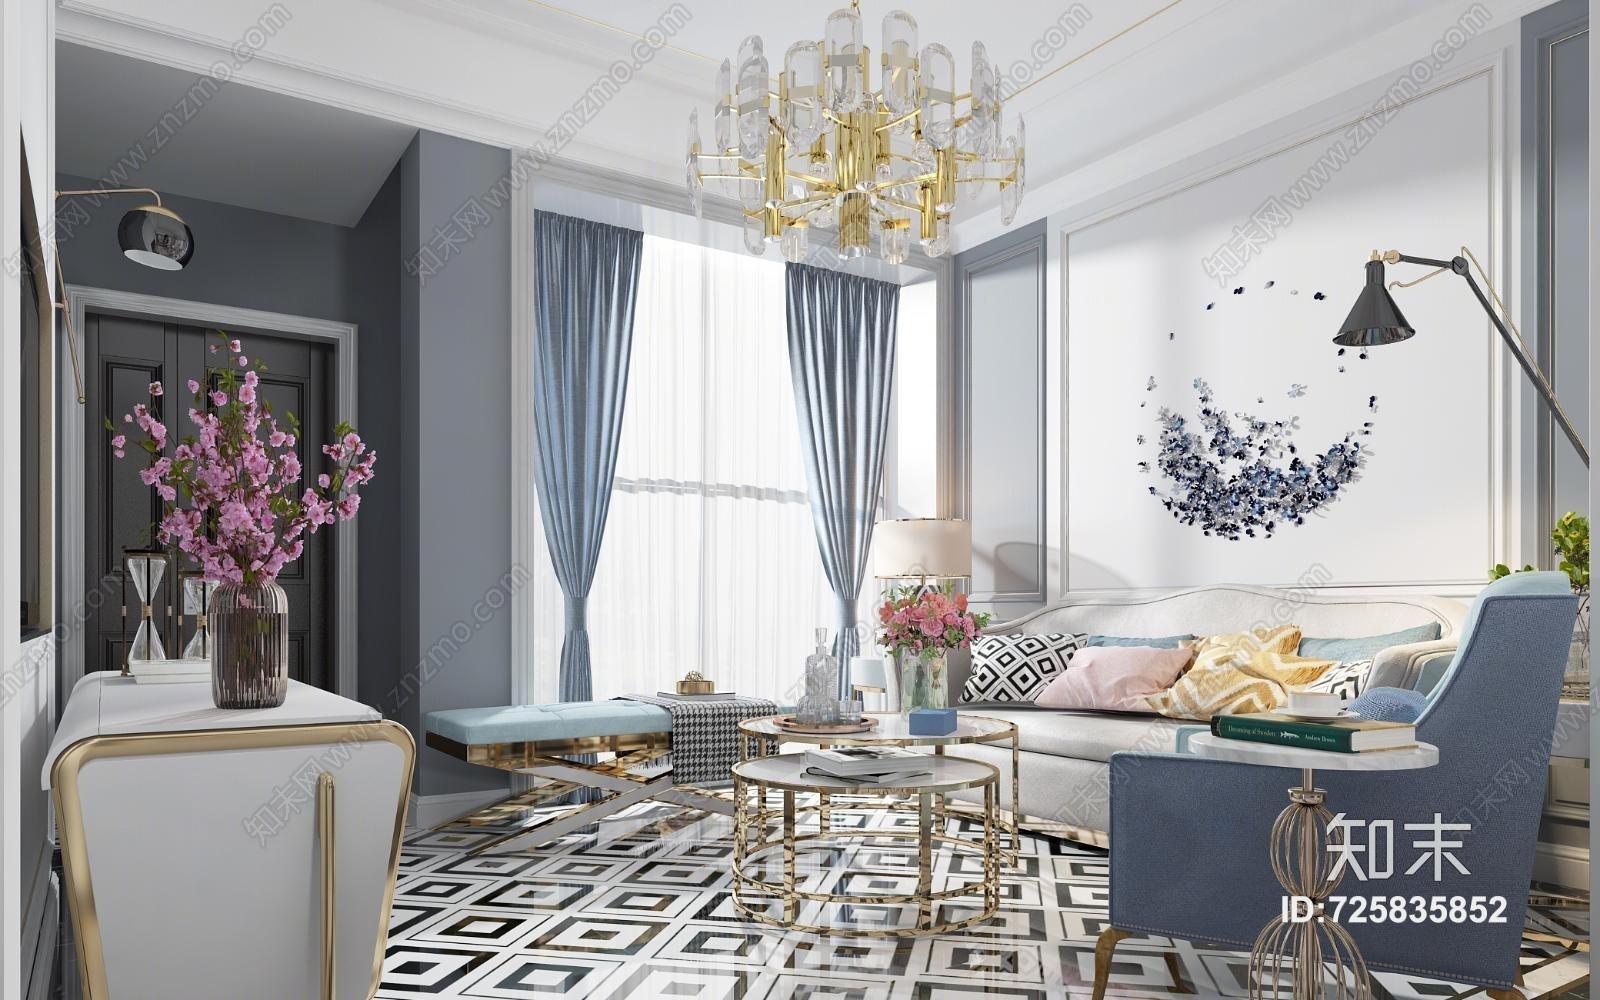 美式轻奢客厅 美式轻奢 客厅 餐厅 沙发 茶几 餐桌椅 吊灯 壁灯 挂画